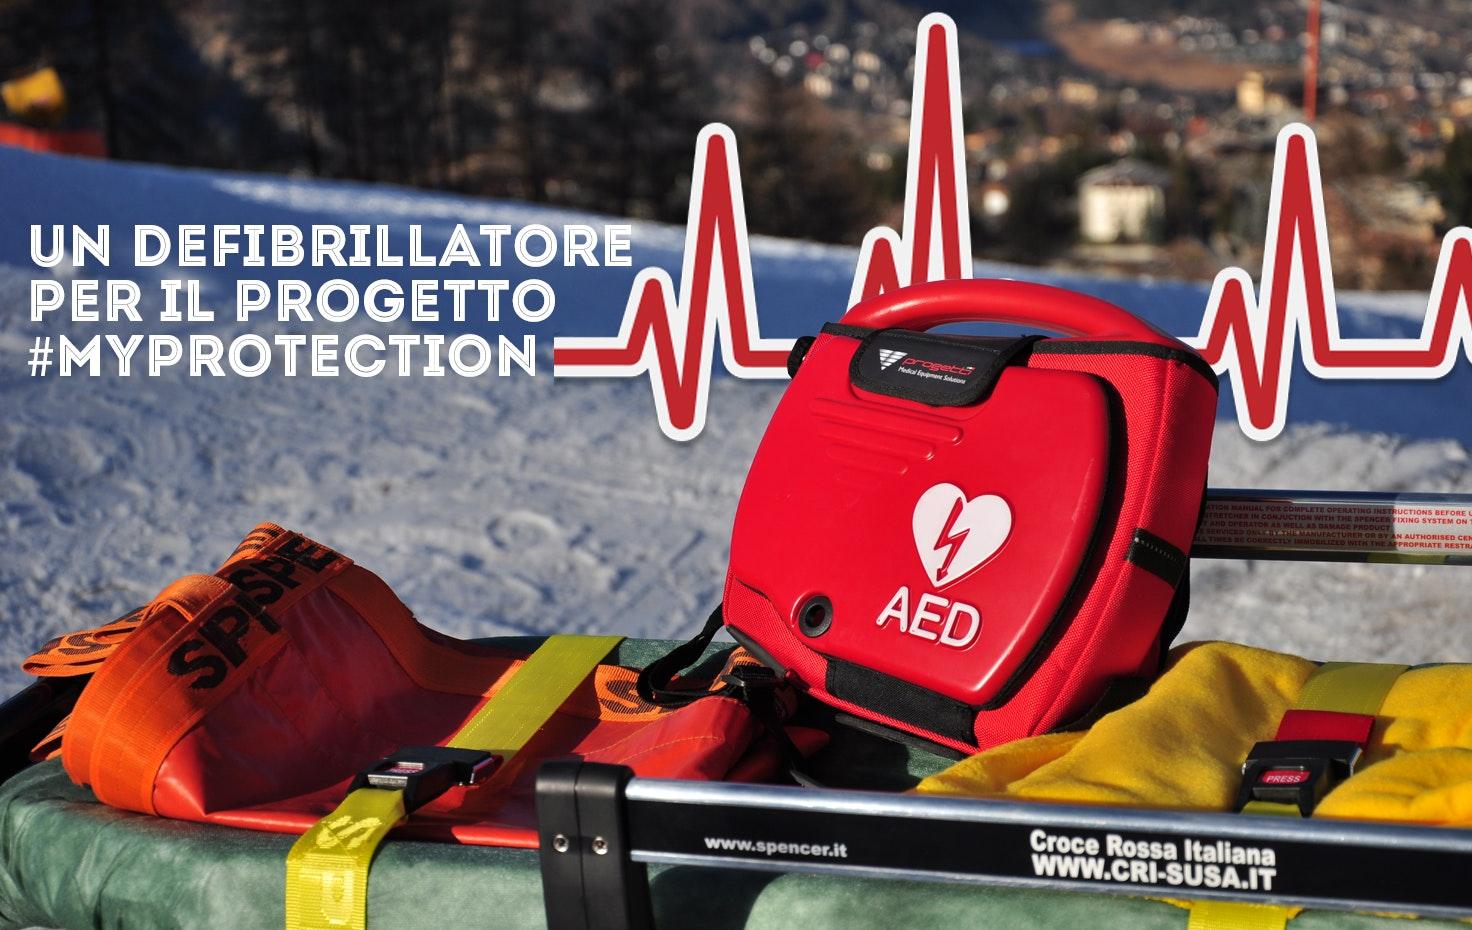 Un Defibrillatore per il progetto #MyProtection